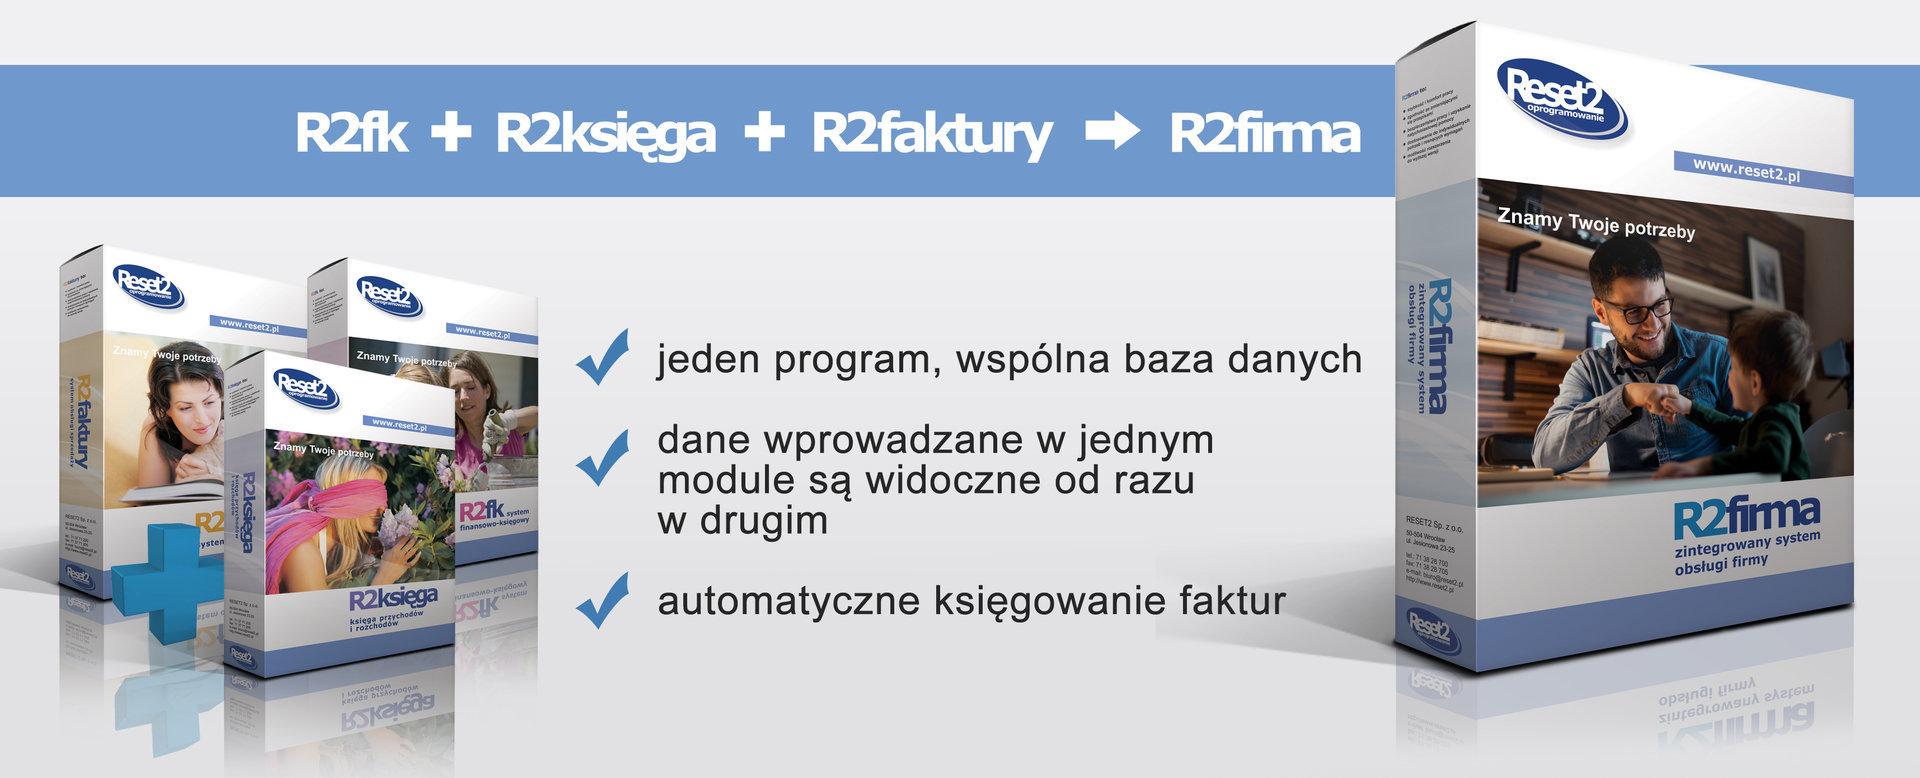 Nowy sposób autoryzacji w programie R2firma. Deklarację JPK-VAT podpiszesz przychodem